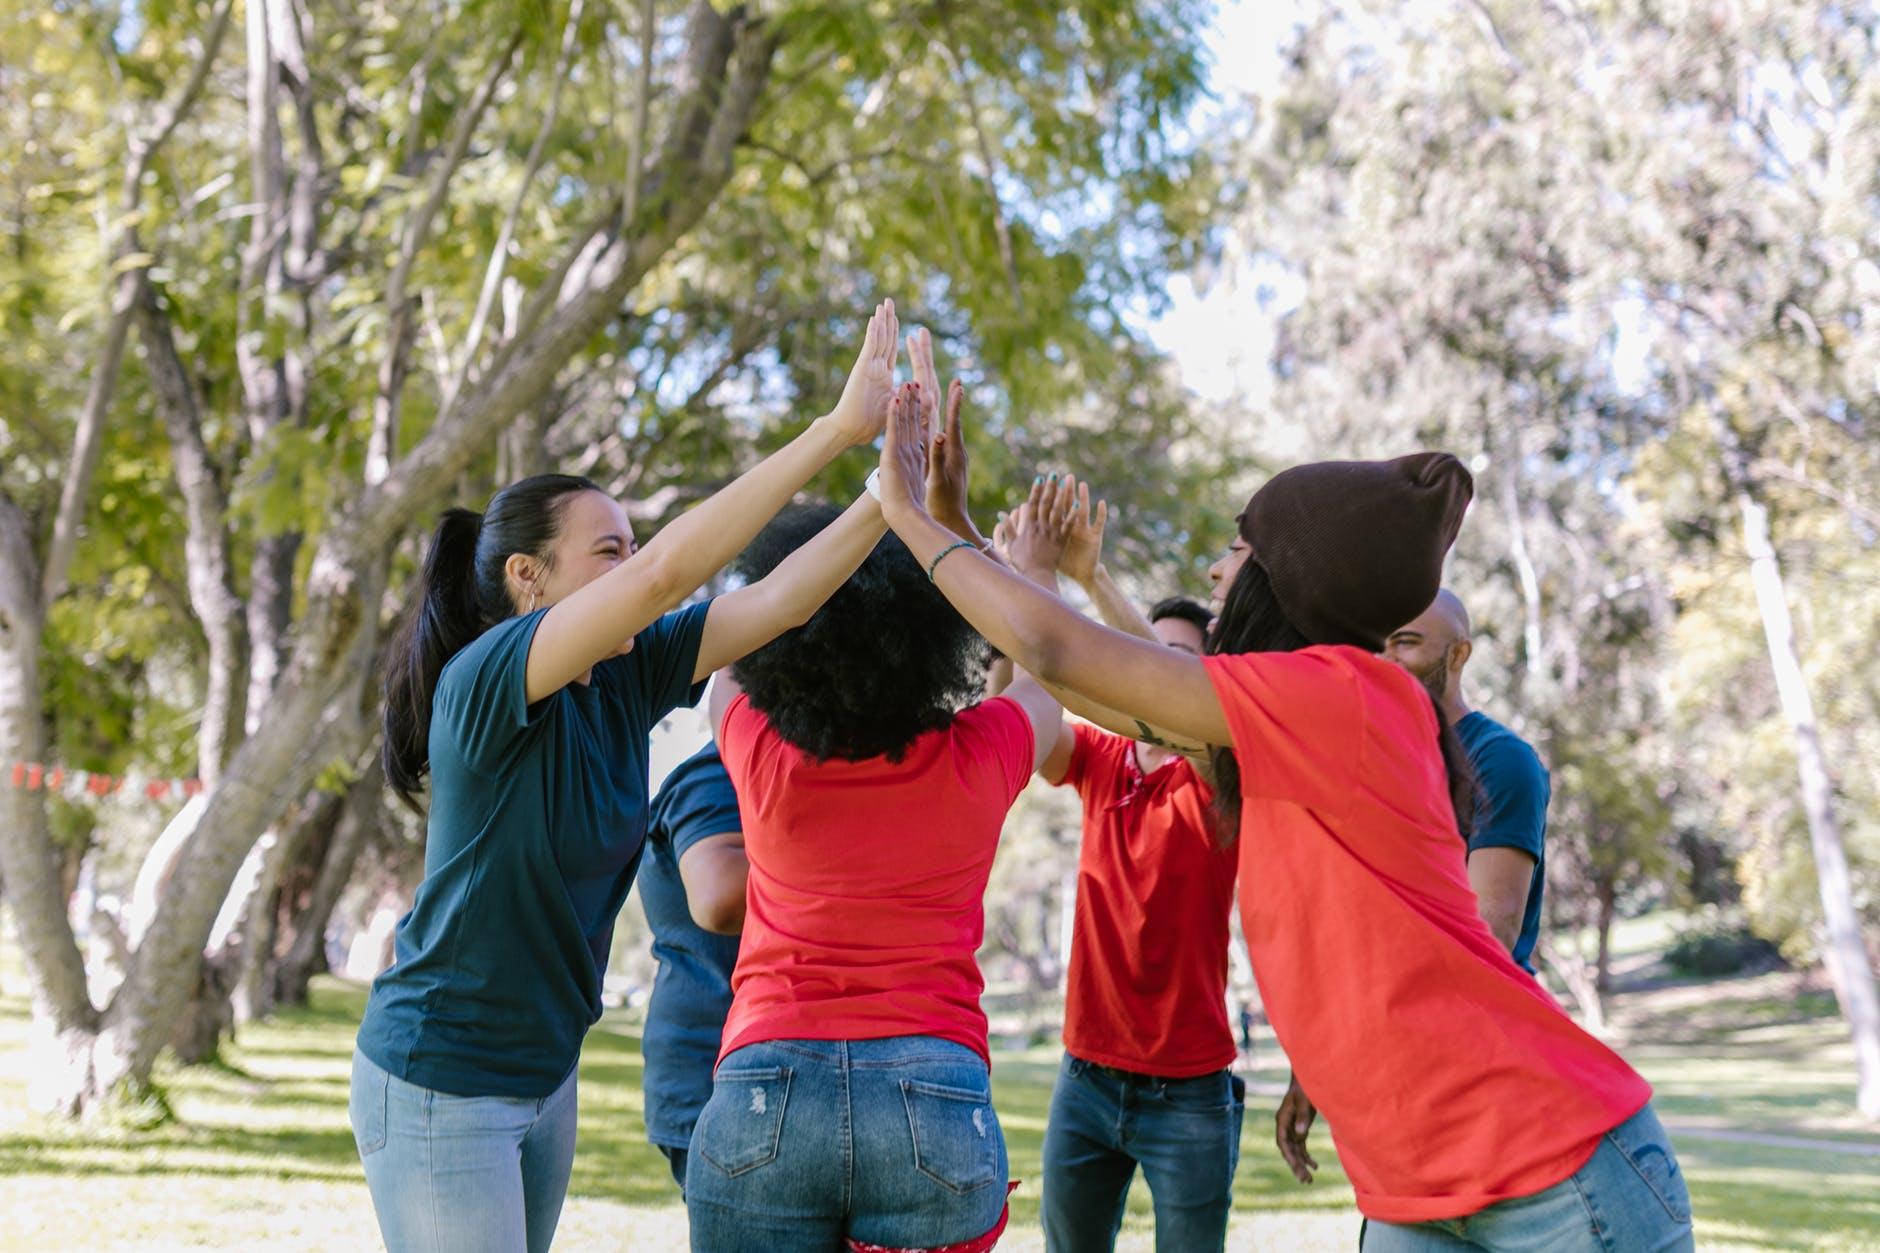 friends doing high five